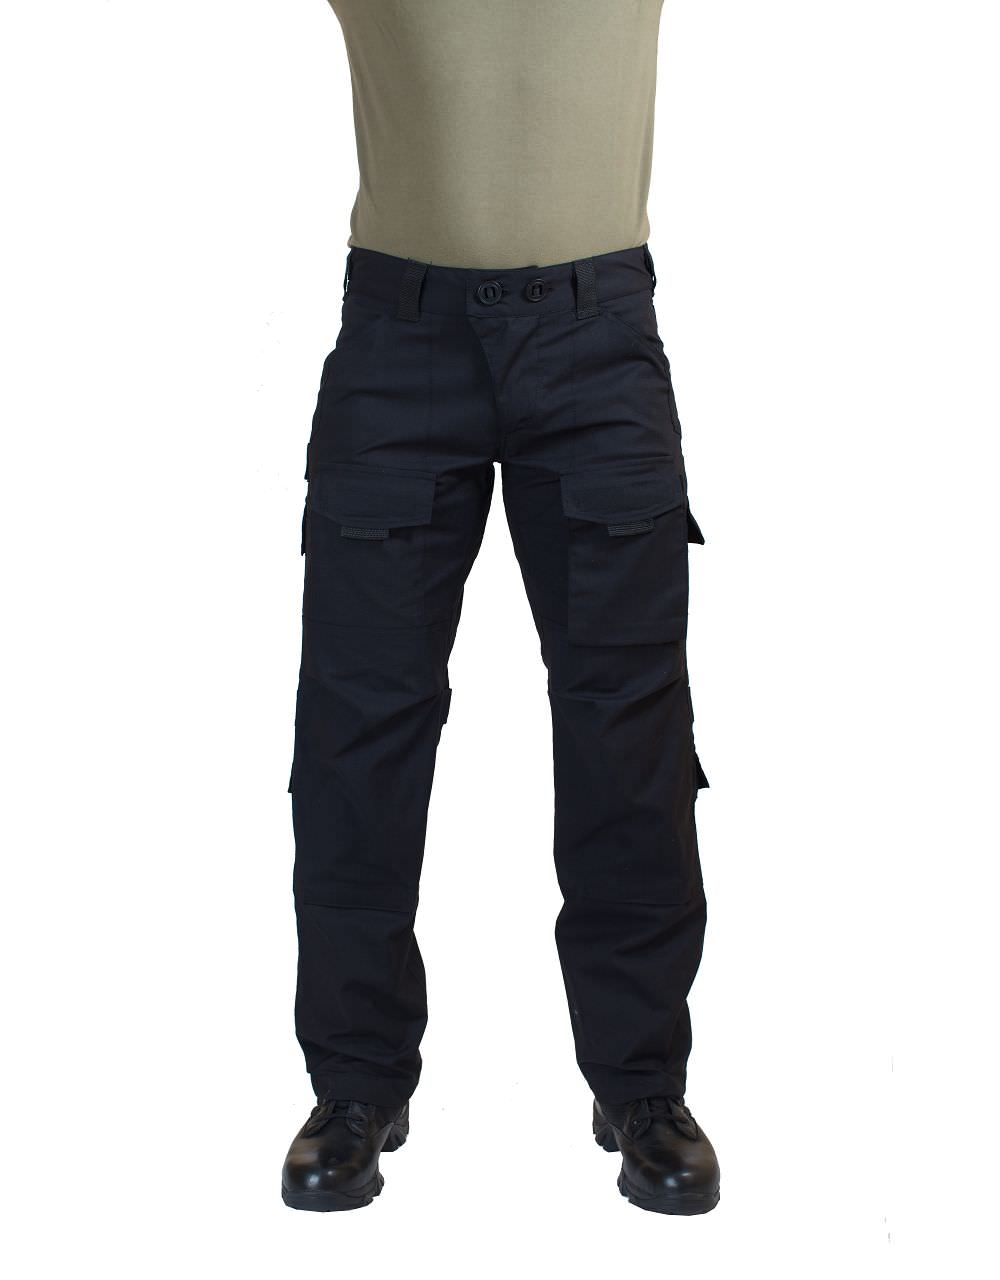 Брюки МПА-56 тактические (рип-стоп, черный), Брюки неутепленные<br>Достоинством брюк МПА-56 является их впечатляющая <br>многофункциональность. Имеется большое <br>количество карманов, система Molle и усилительные <br>накладки в зоне шва сидения. Благодаря анатомическому <br>крою вам беспечена максимальная свобоа <br>движений.. ХАРАКТЕРИСТИКИ ДЛЯ ЖАРКОЙ ПОГОДЫ <br>ДЛЯ ИНТЕНСИВНЫХ НАГРУЗОК ДЛЯ АКТИВНОГО <br>ОТДЫХА ДЛЯ ВОЕННЫХ ОПЕРАЦИЙ МАТЕРИАЛЫ РИП-СТОП<br><br>Пол: мужской<br>Размер: 60<br>Рост: 188<br>Сезон: все сезоны<br>Цвет: черный